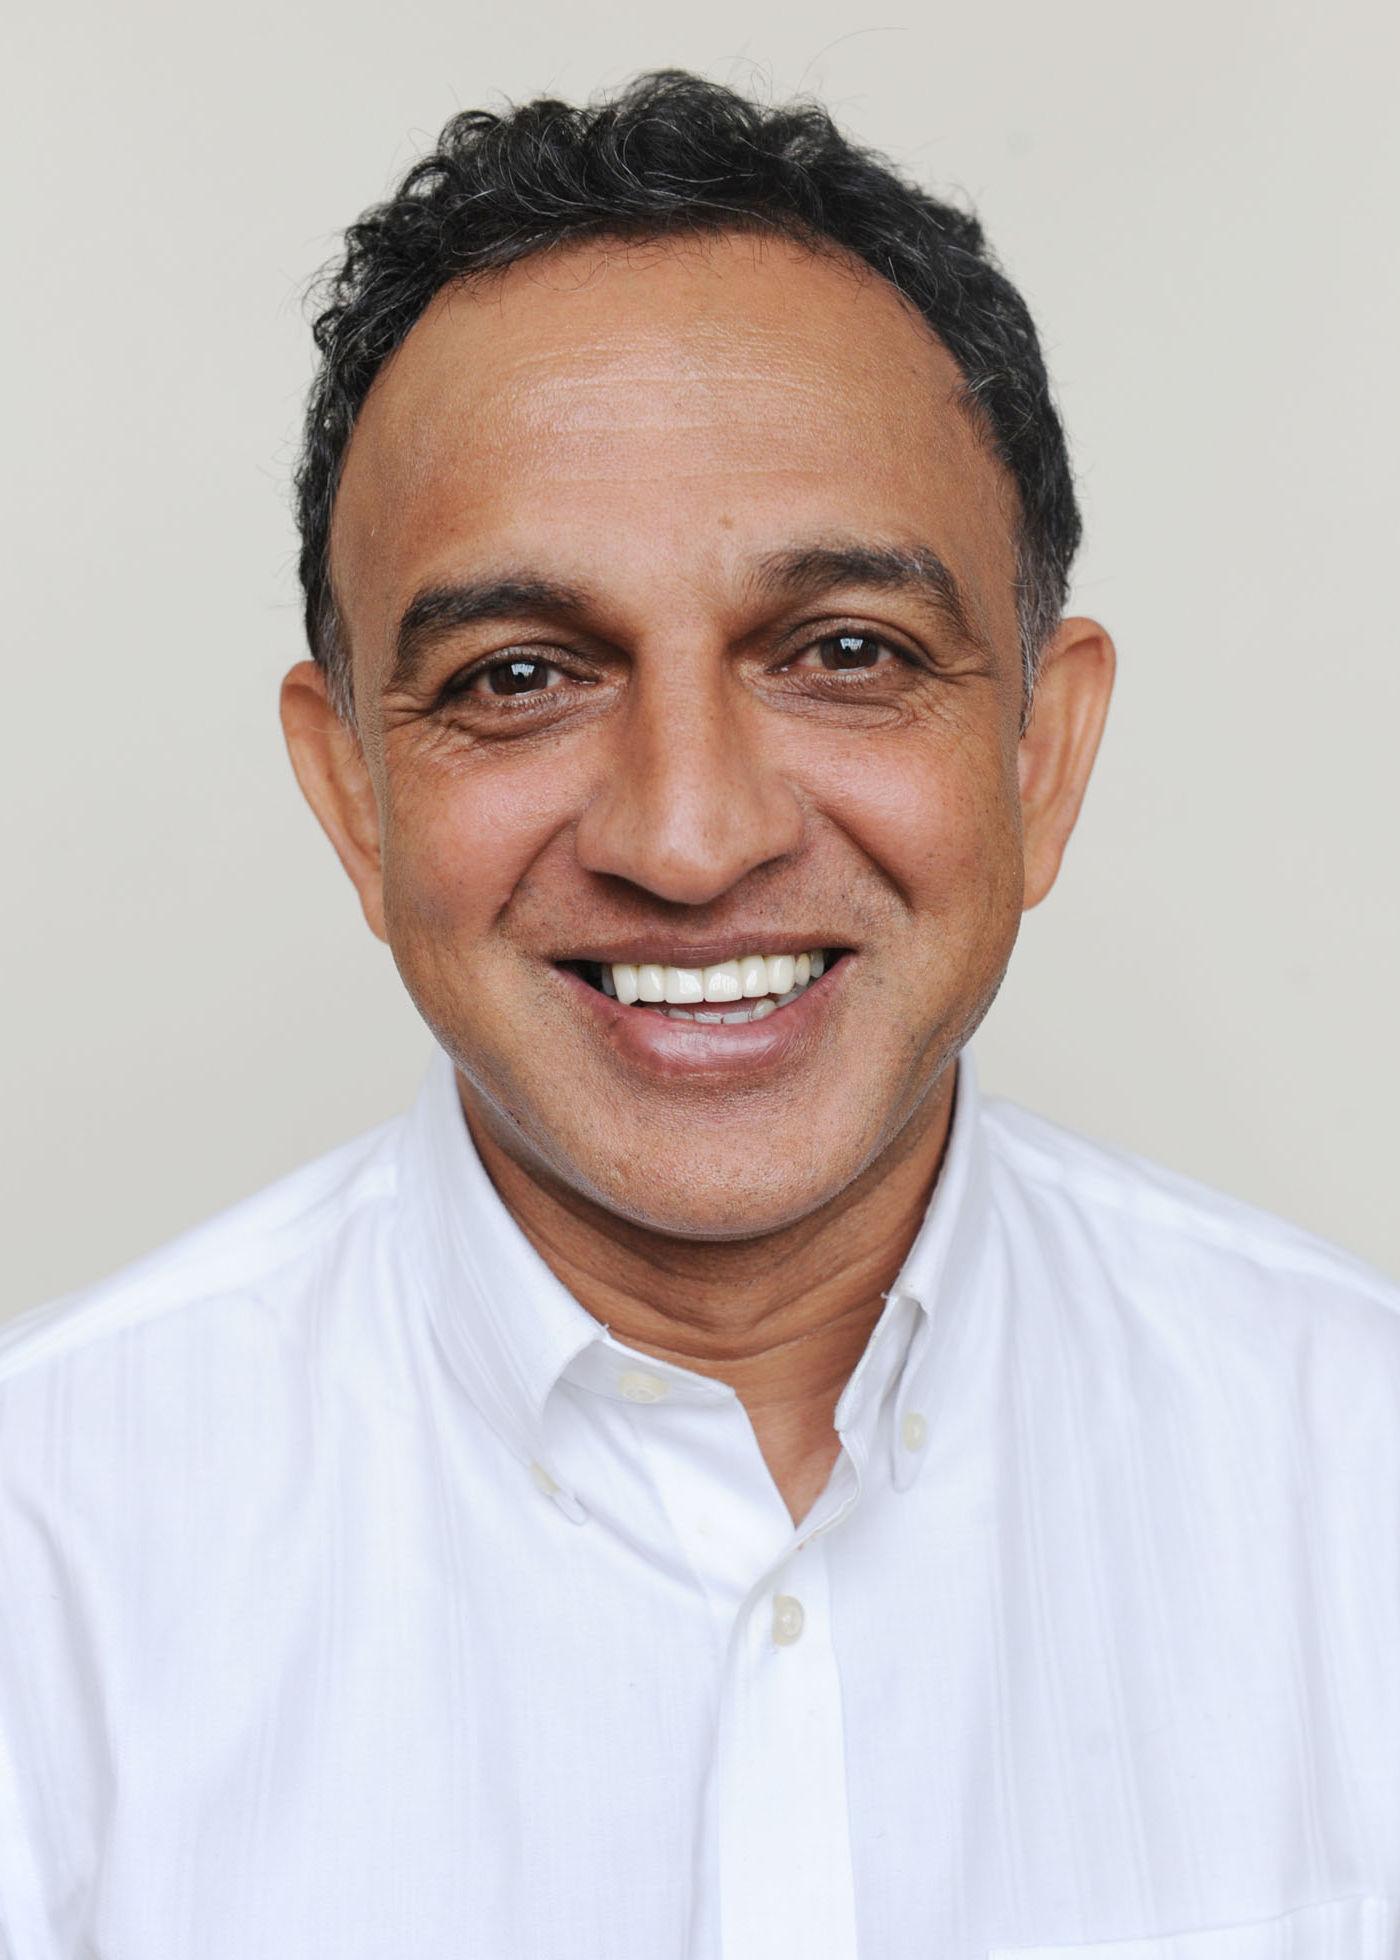 Ashwin Desai